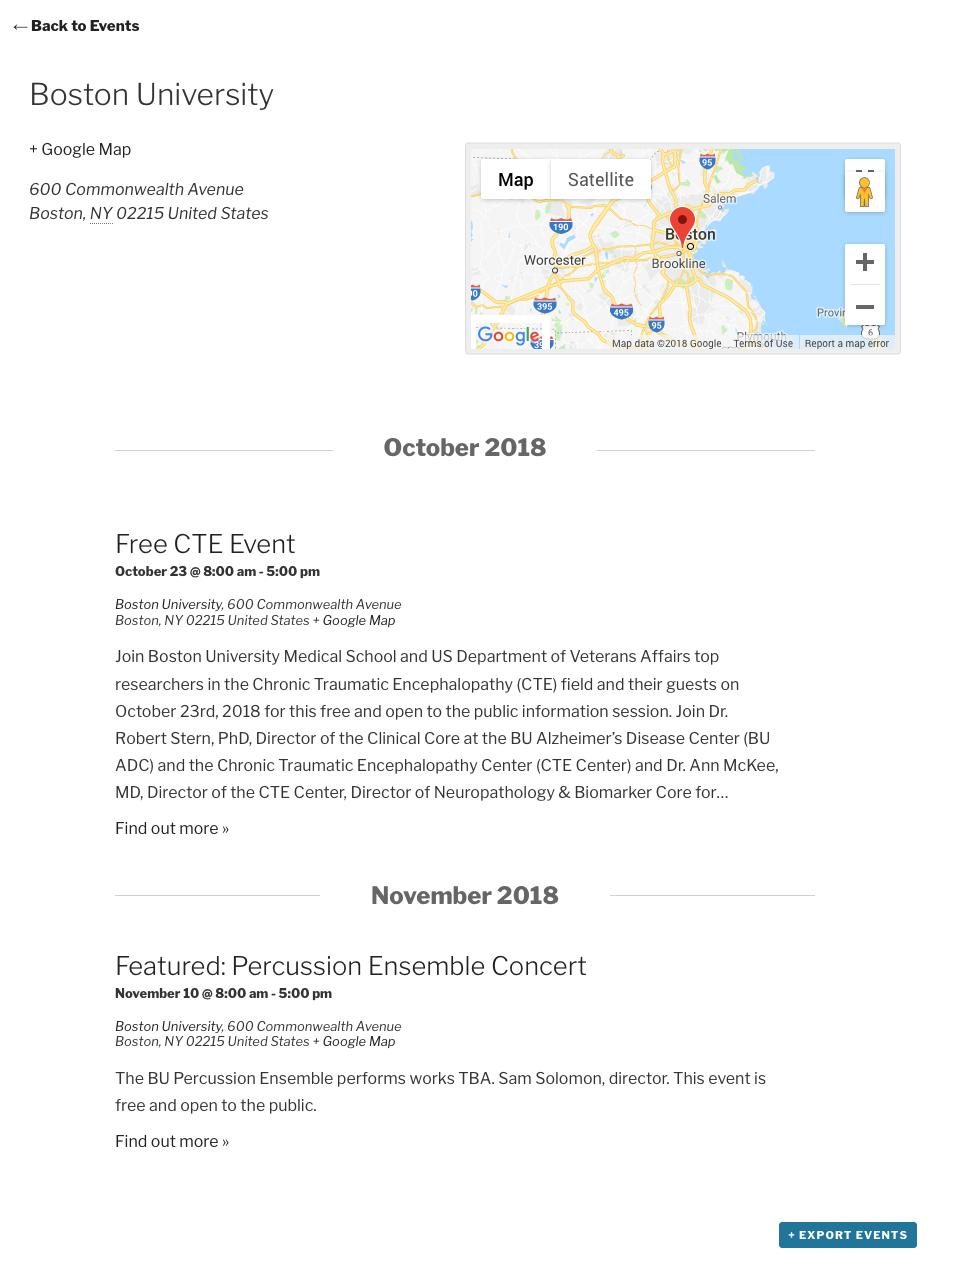 Setting Up Your Google Maps API Key